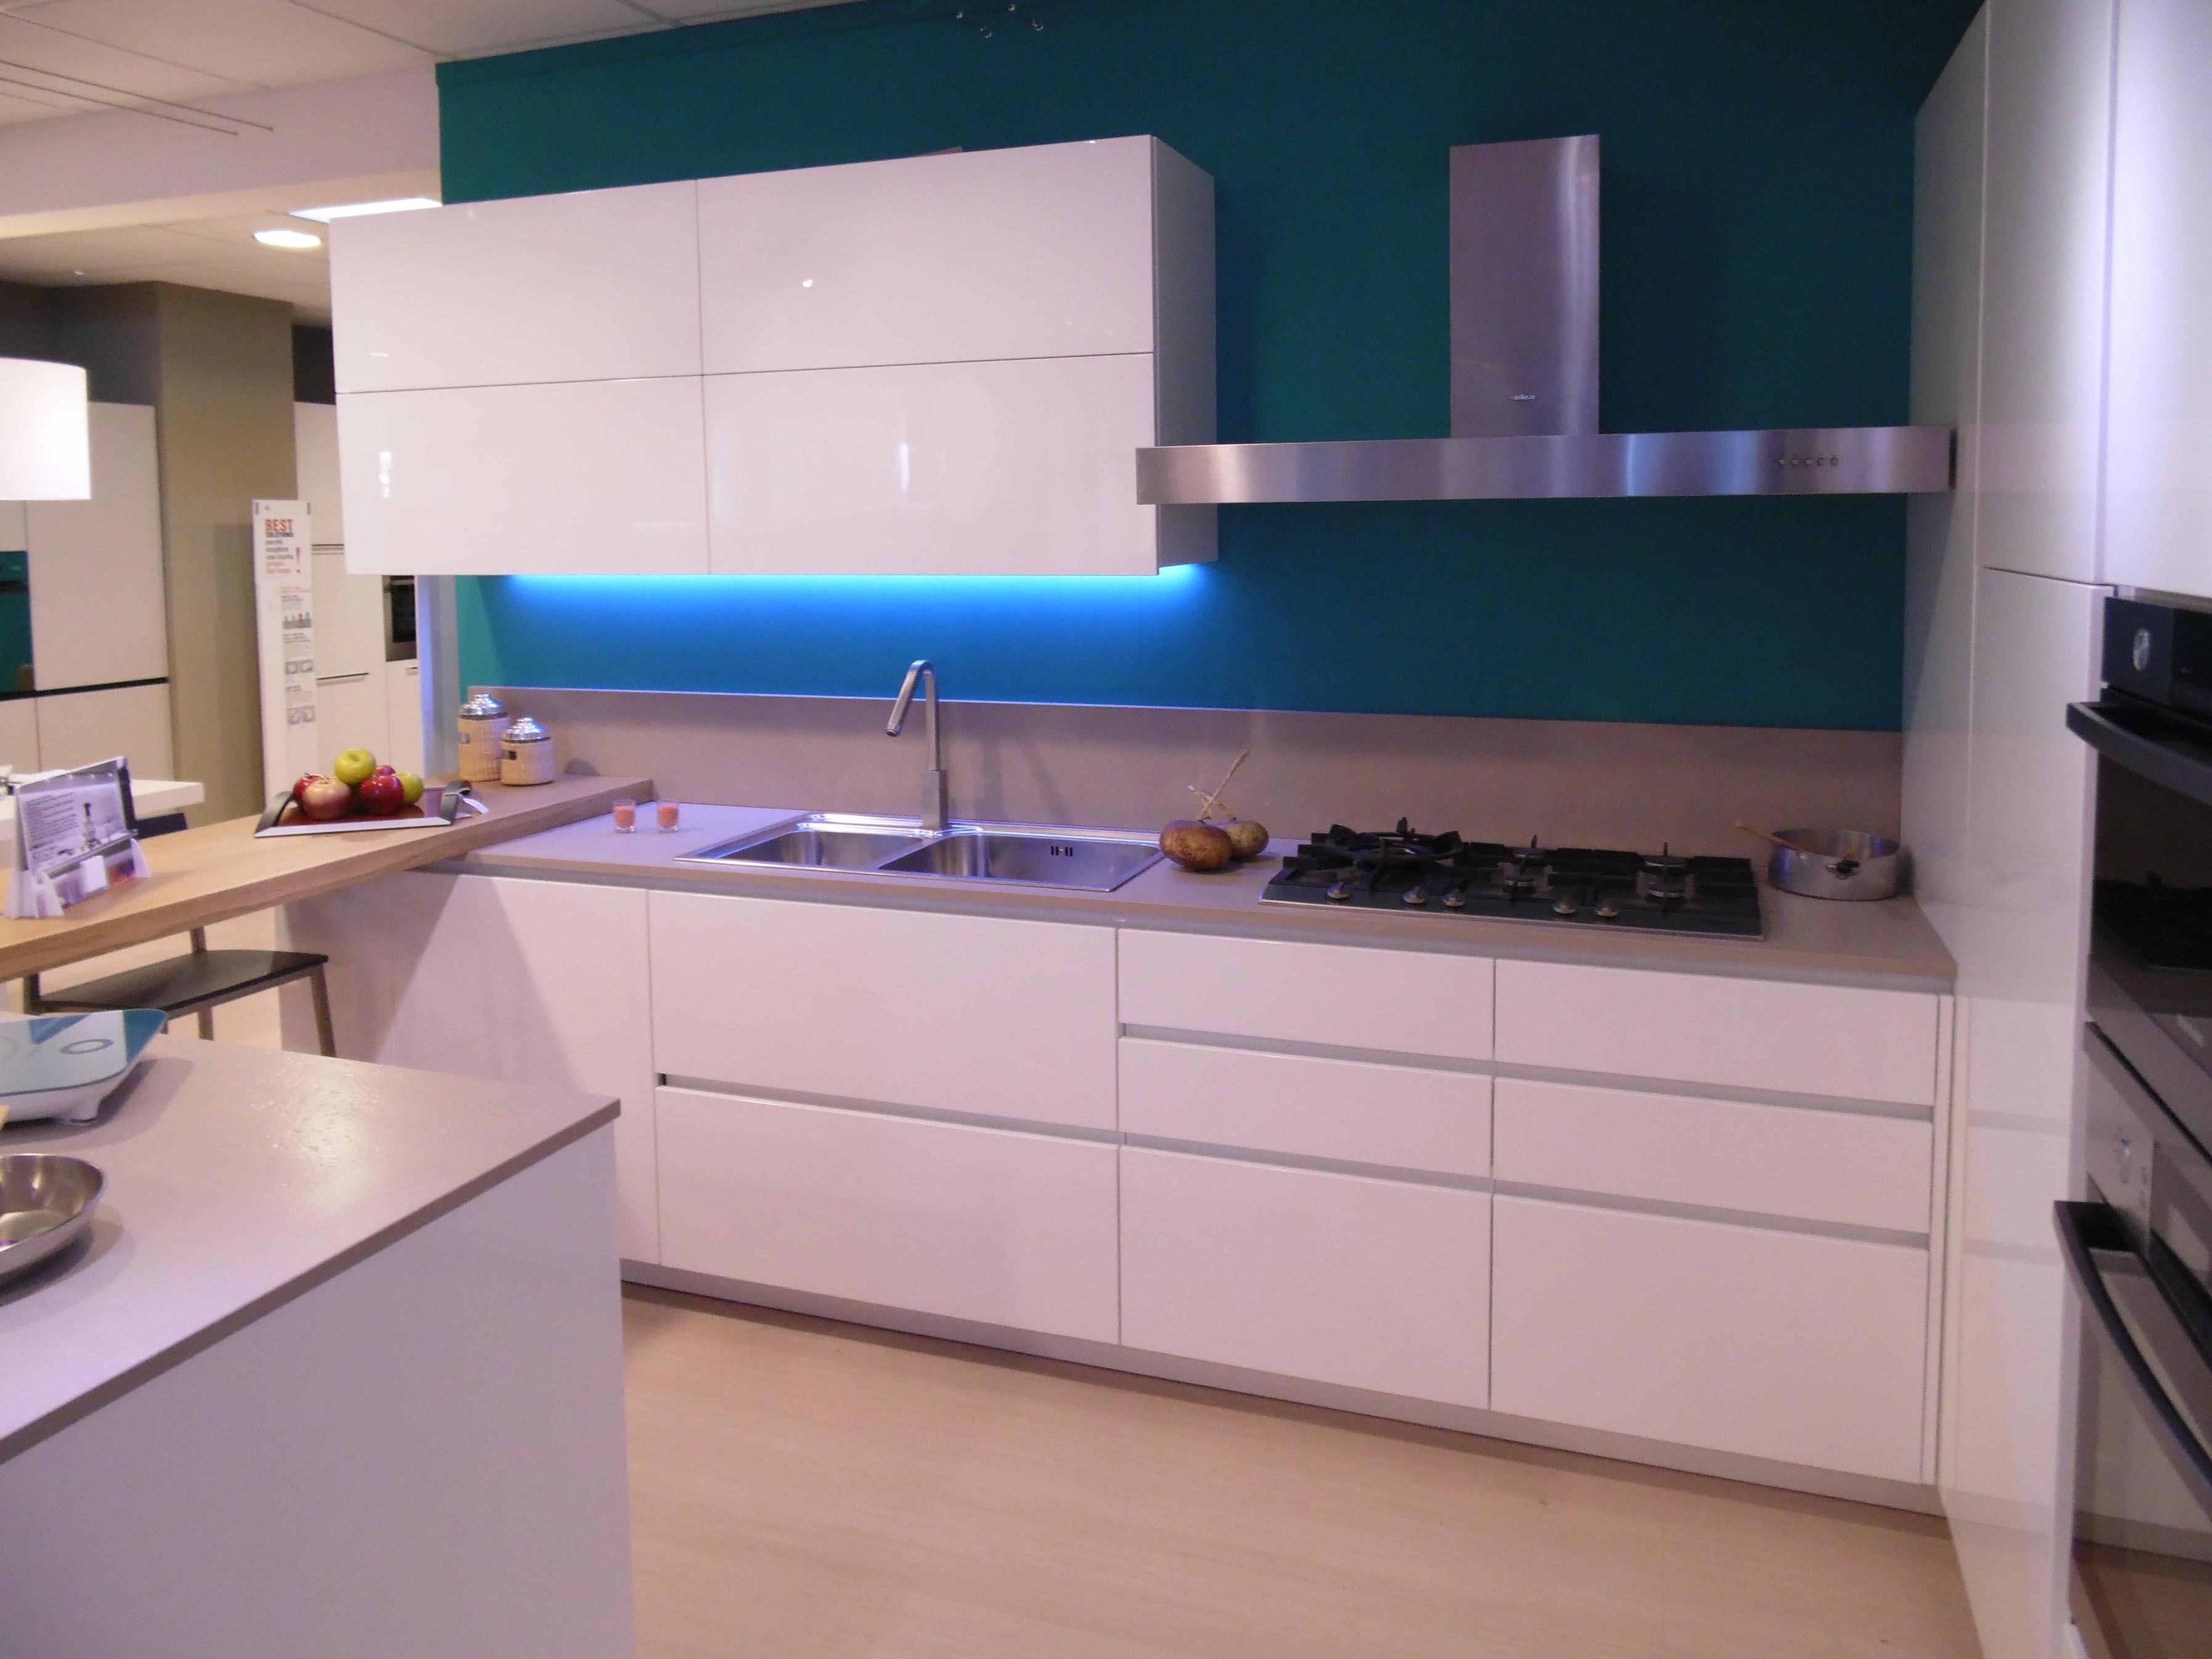 Del Tongo Cucina Creta Design Laccato Lucido Bianca -60% - Cucine ...